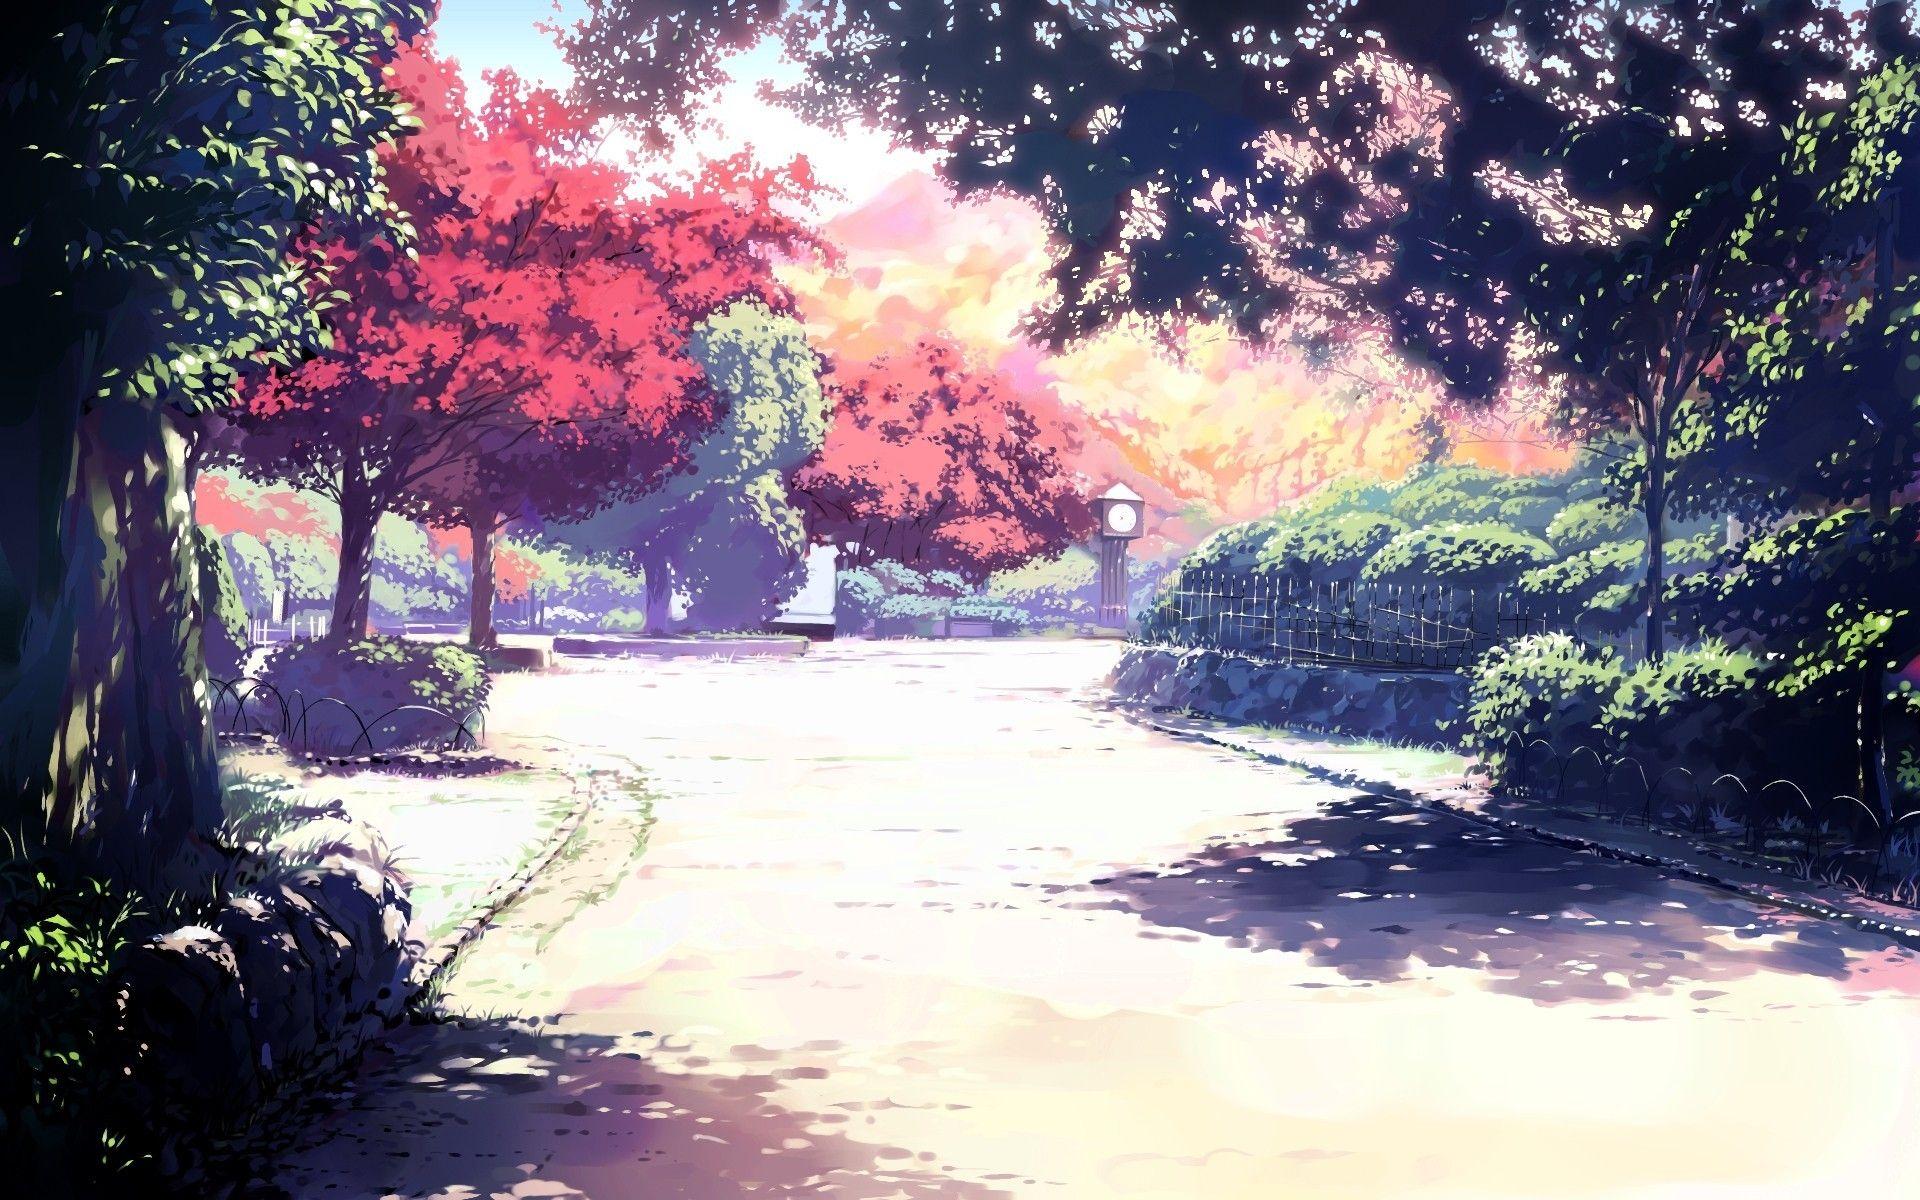 Summer Nature Trees Anime Artwork Natural Light Park Sunlight Wallpaper Anime Scenery Anime Scenery Wallpaper Scenery Wallpaper